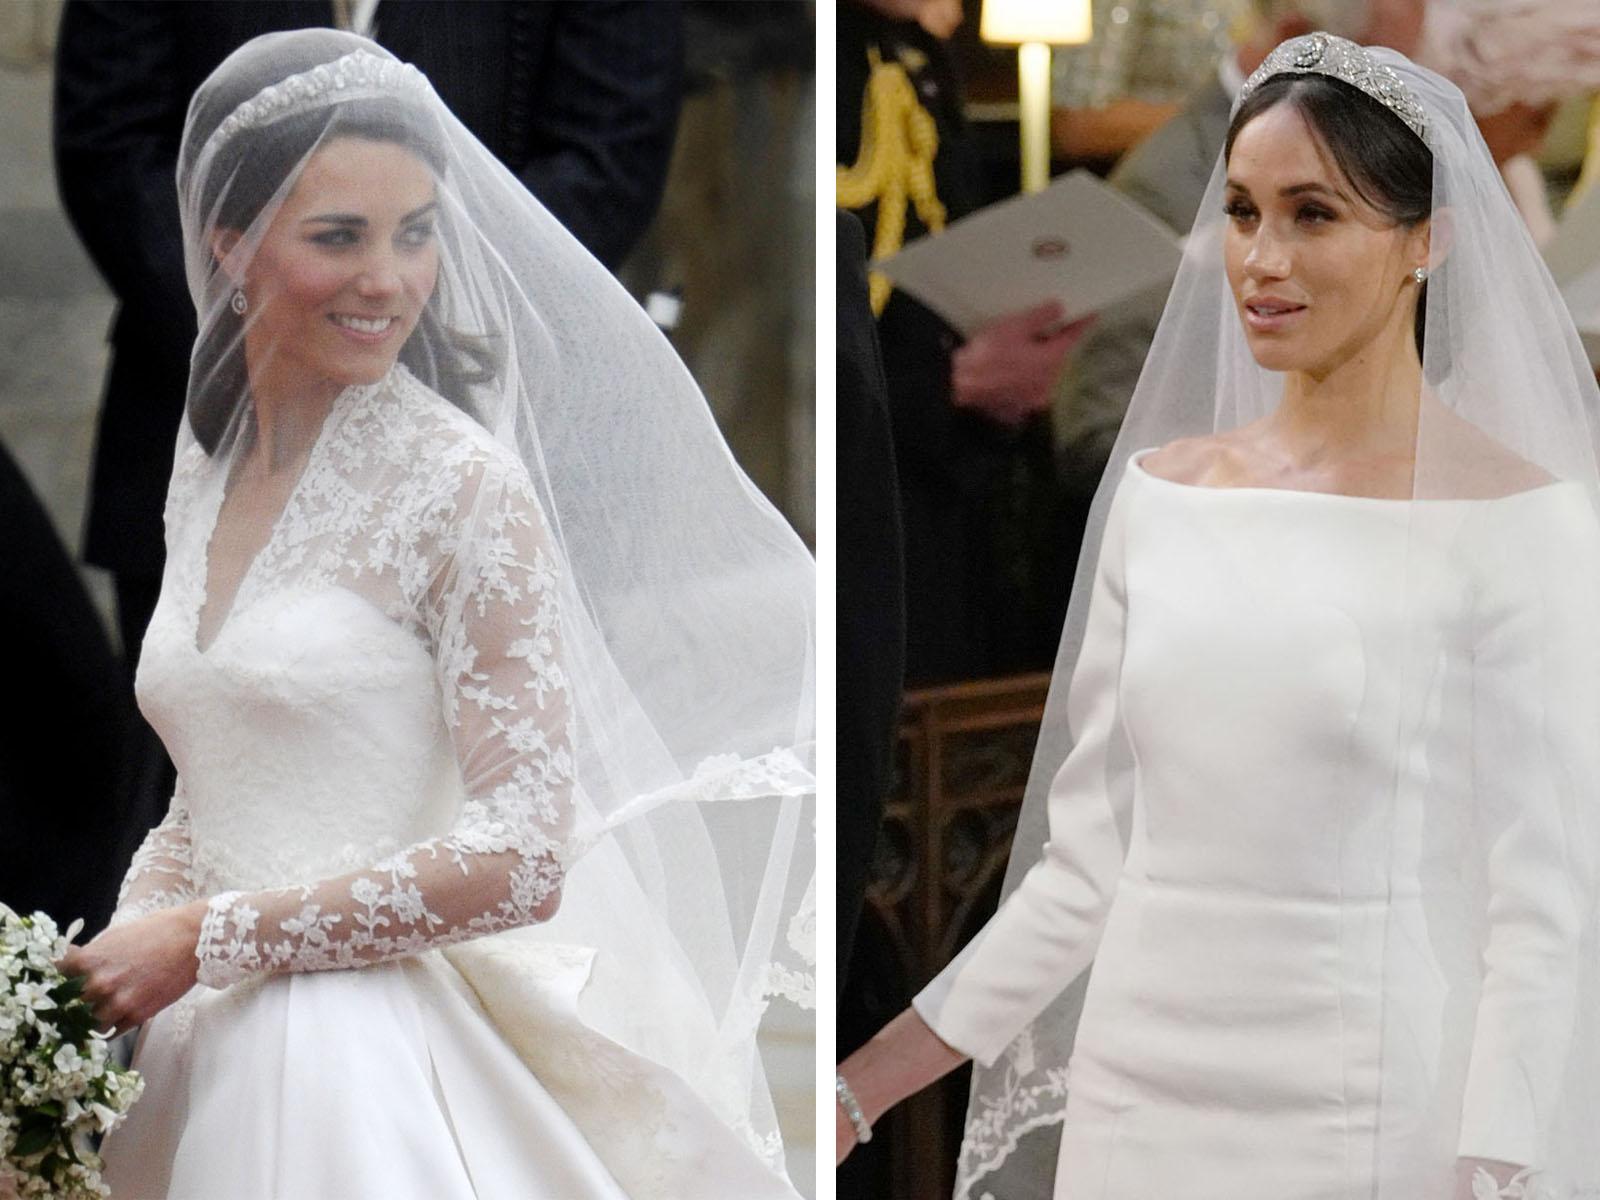 Zdf Kommentatoren Reden Sich Bei Der Royalen Hochzeit Von Harry Und